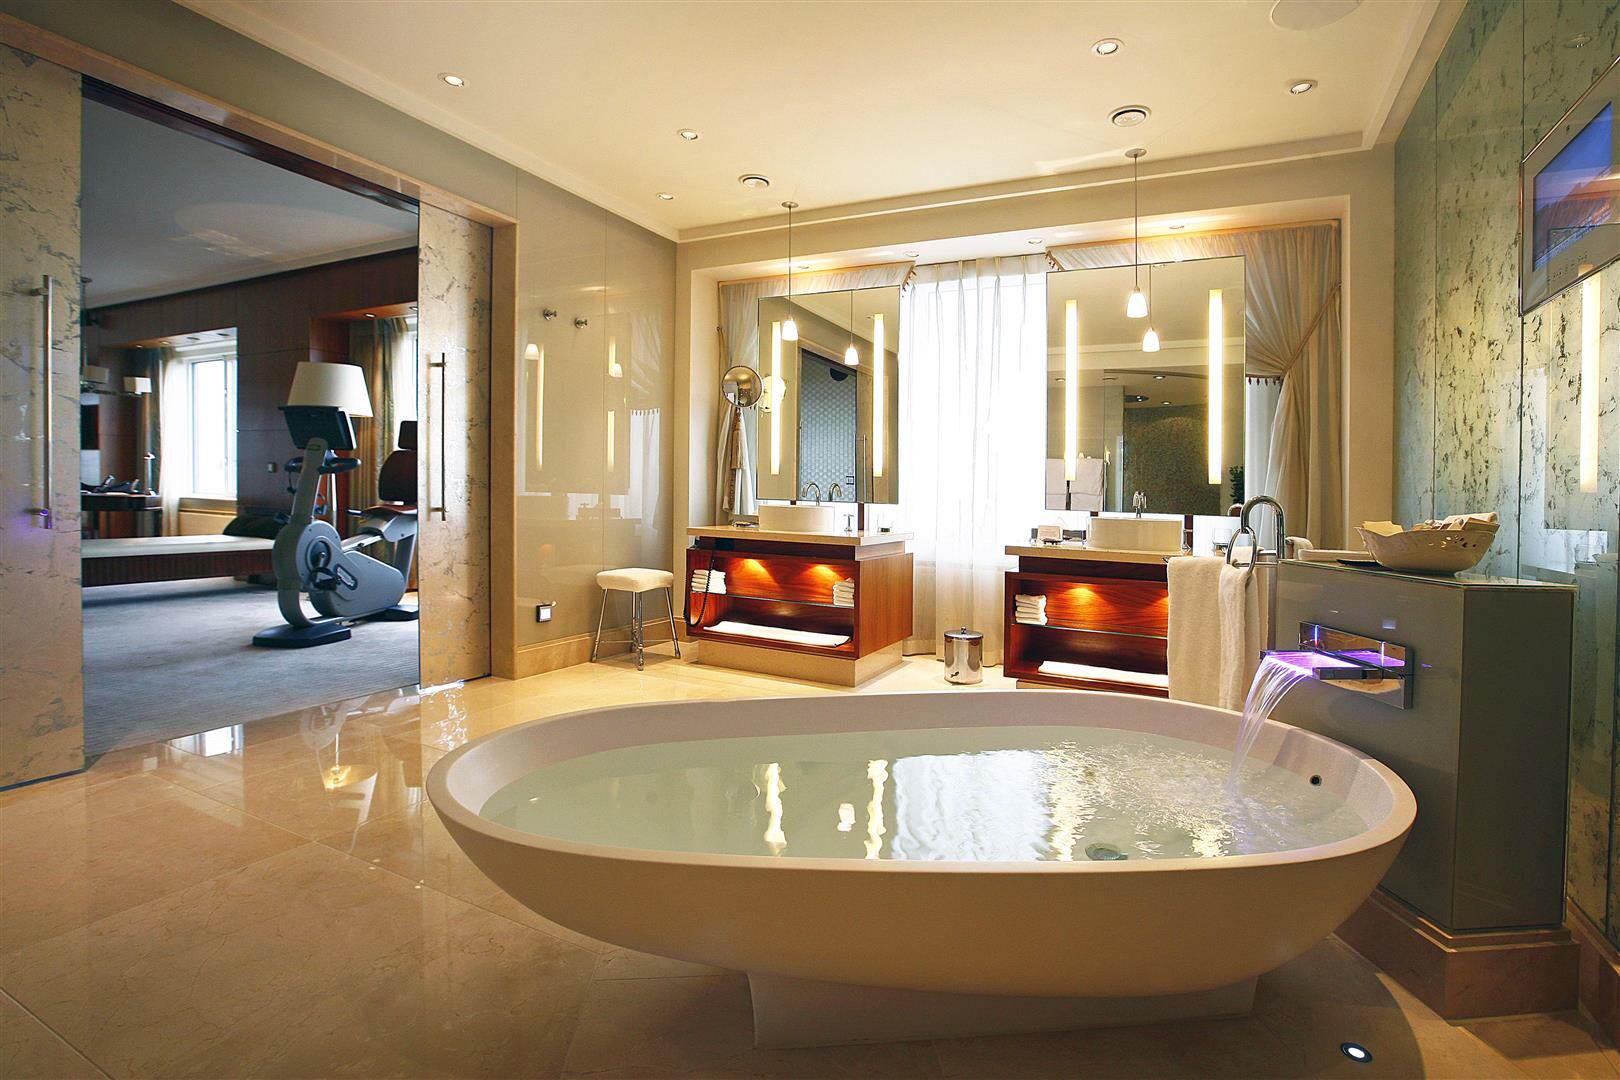 Hotel-Okura-Amsterdam-The-Suite-Excelsior-Bathroom-